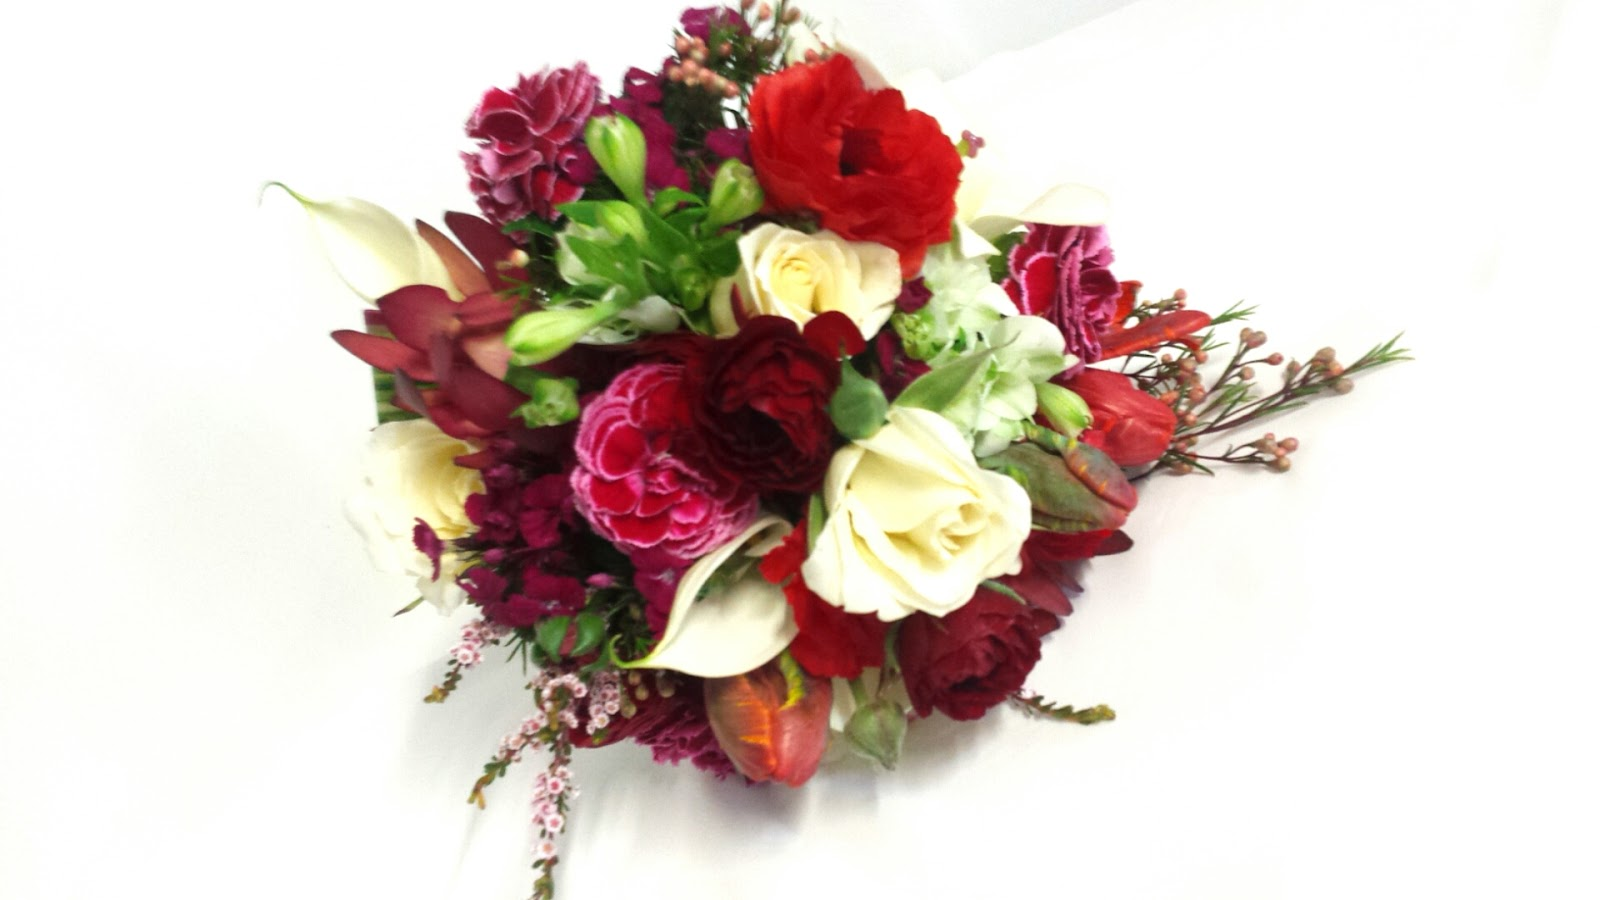 Sophia Kueh Flowers Florist Delivery Wedding Funeral Flowers